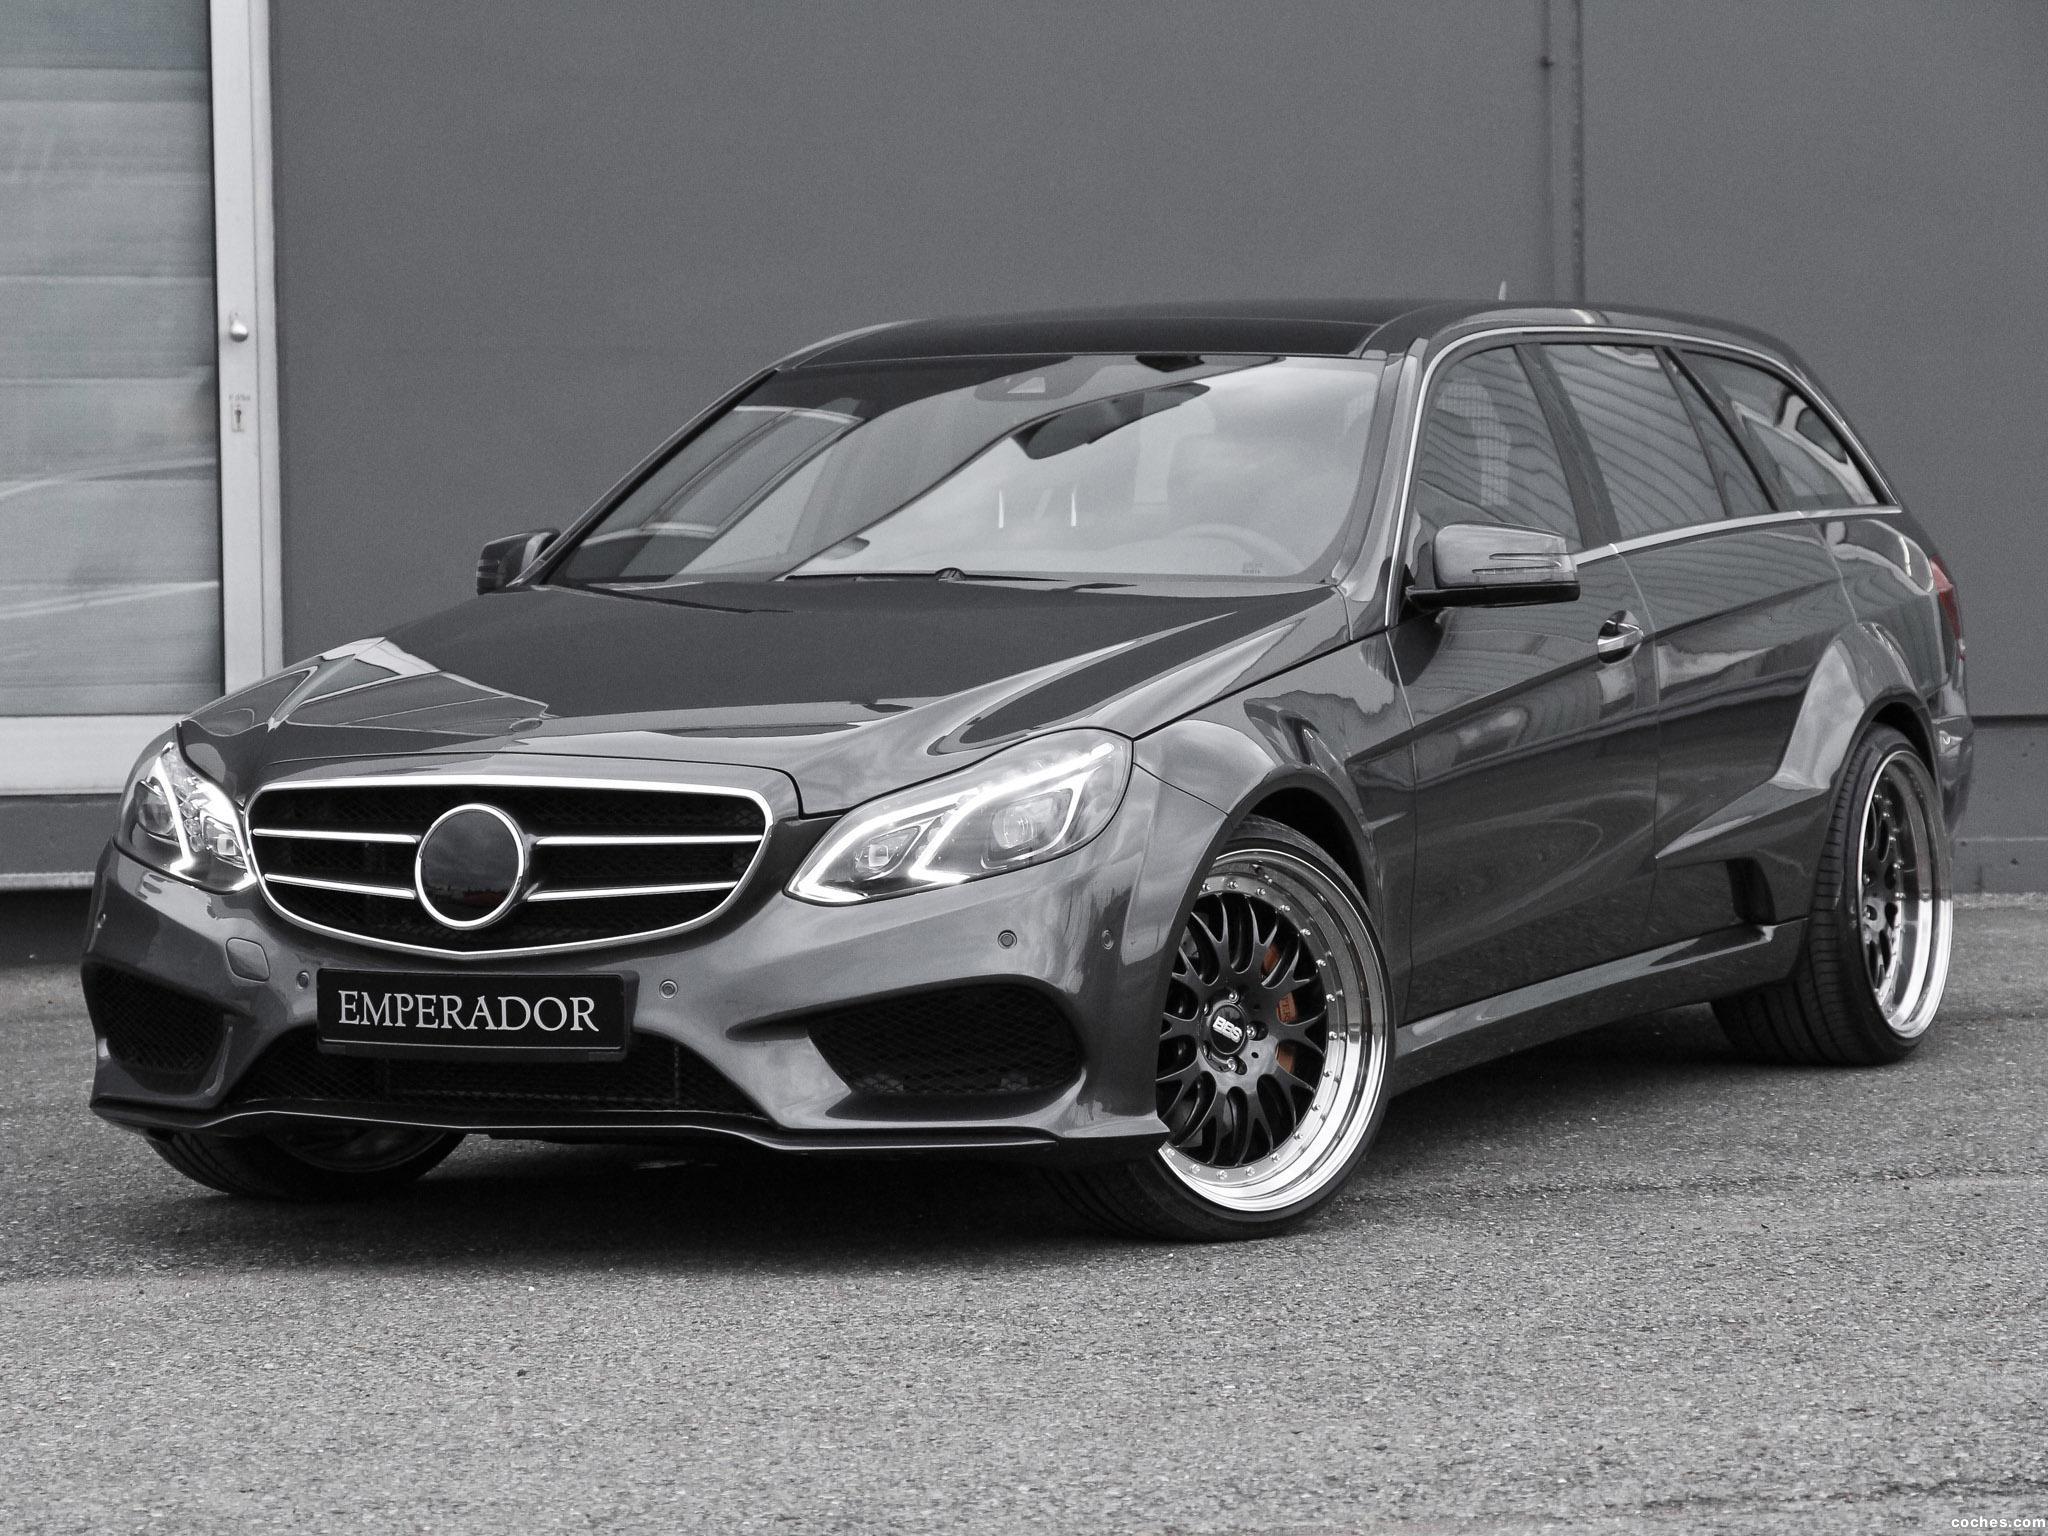 Foto 0 de Binz Mercedes Clase E Emperador S212 2013